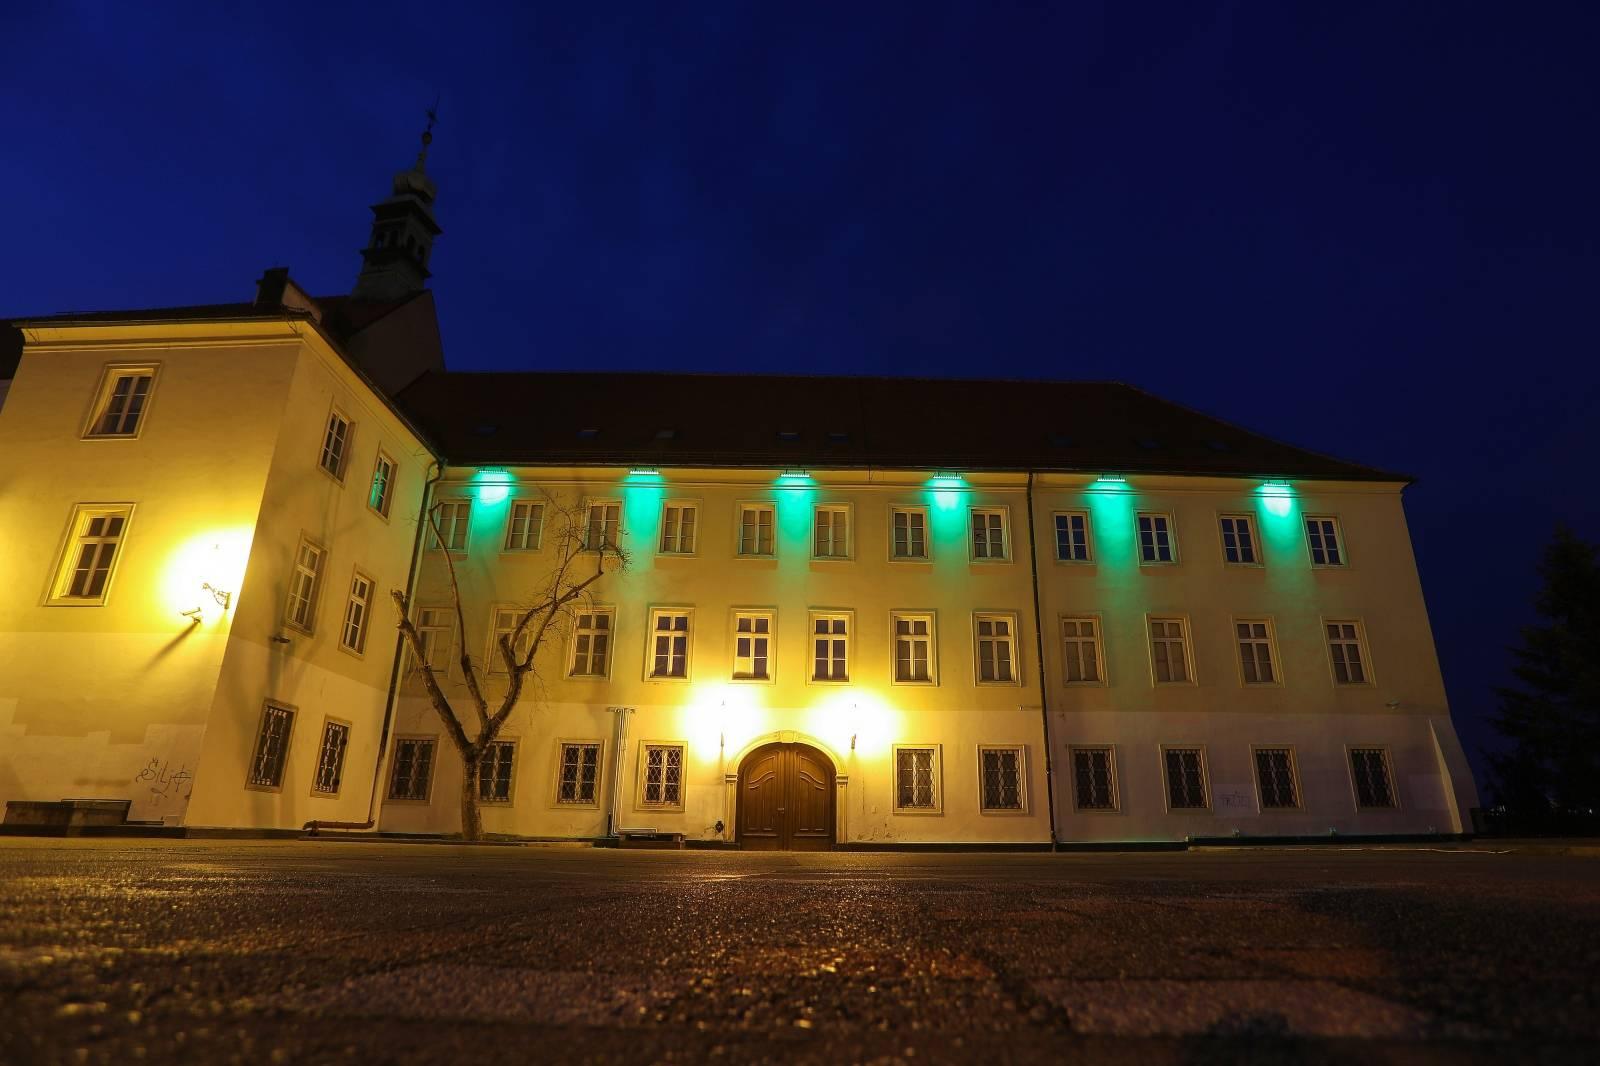 Povodom Dana svetog Patrika u zelenoj boji osvanula  Galerija Klovićevi dvori